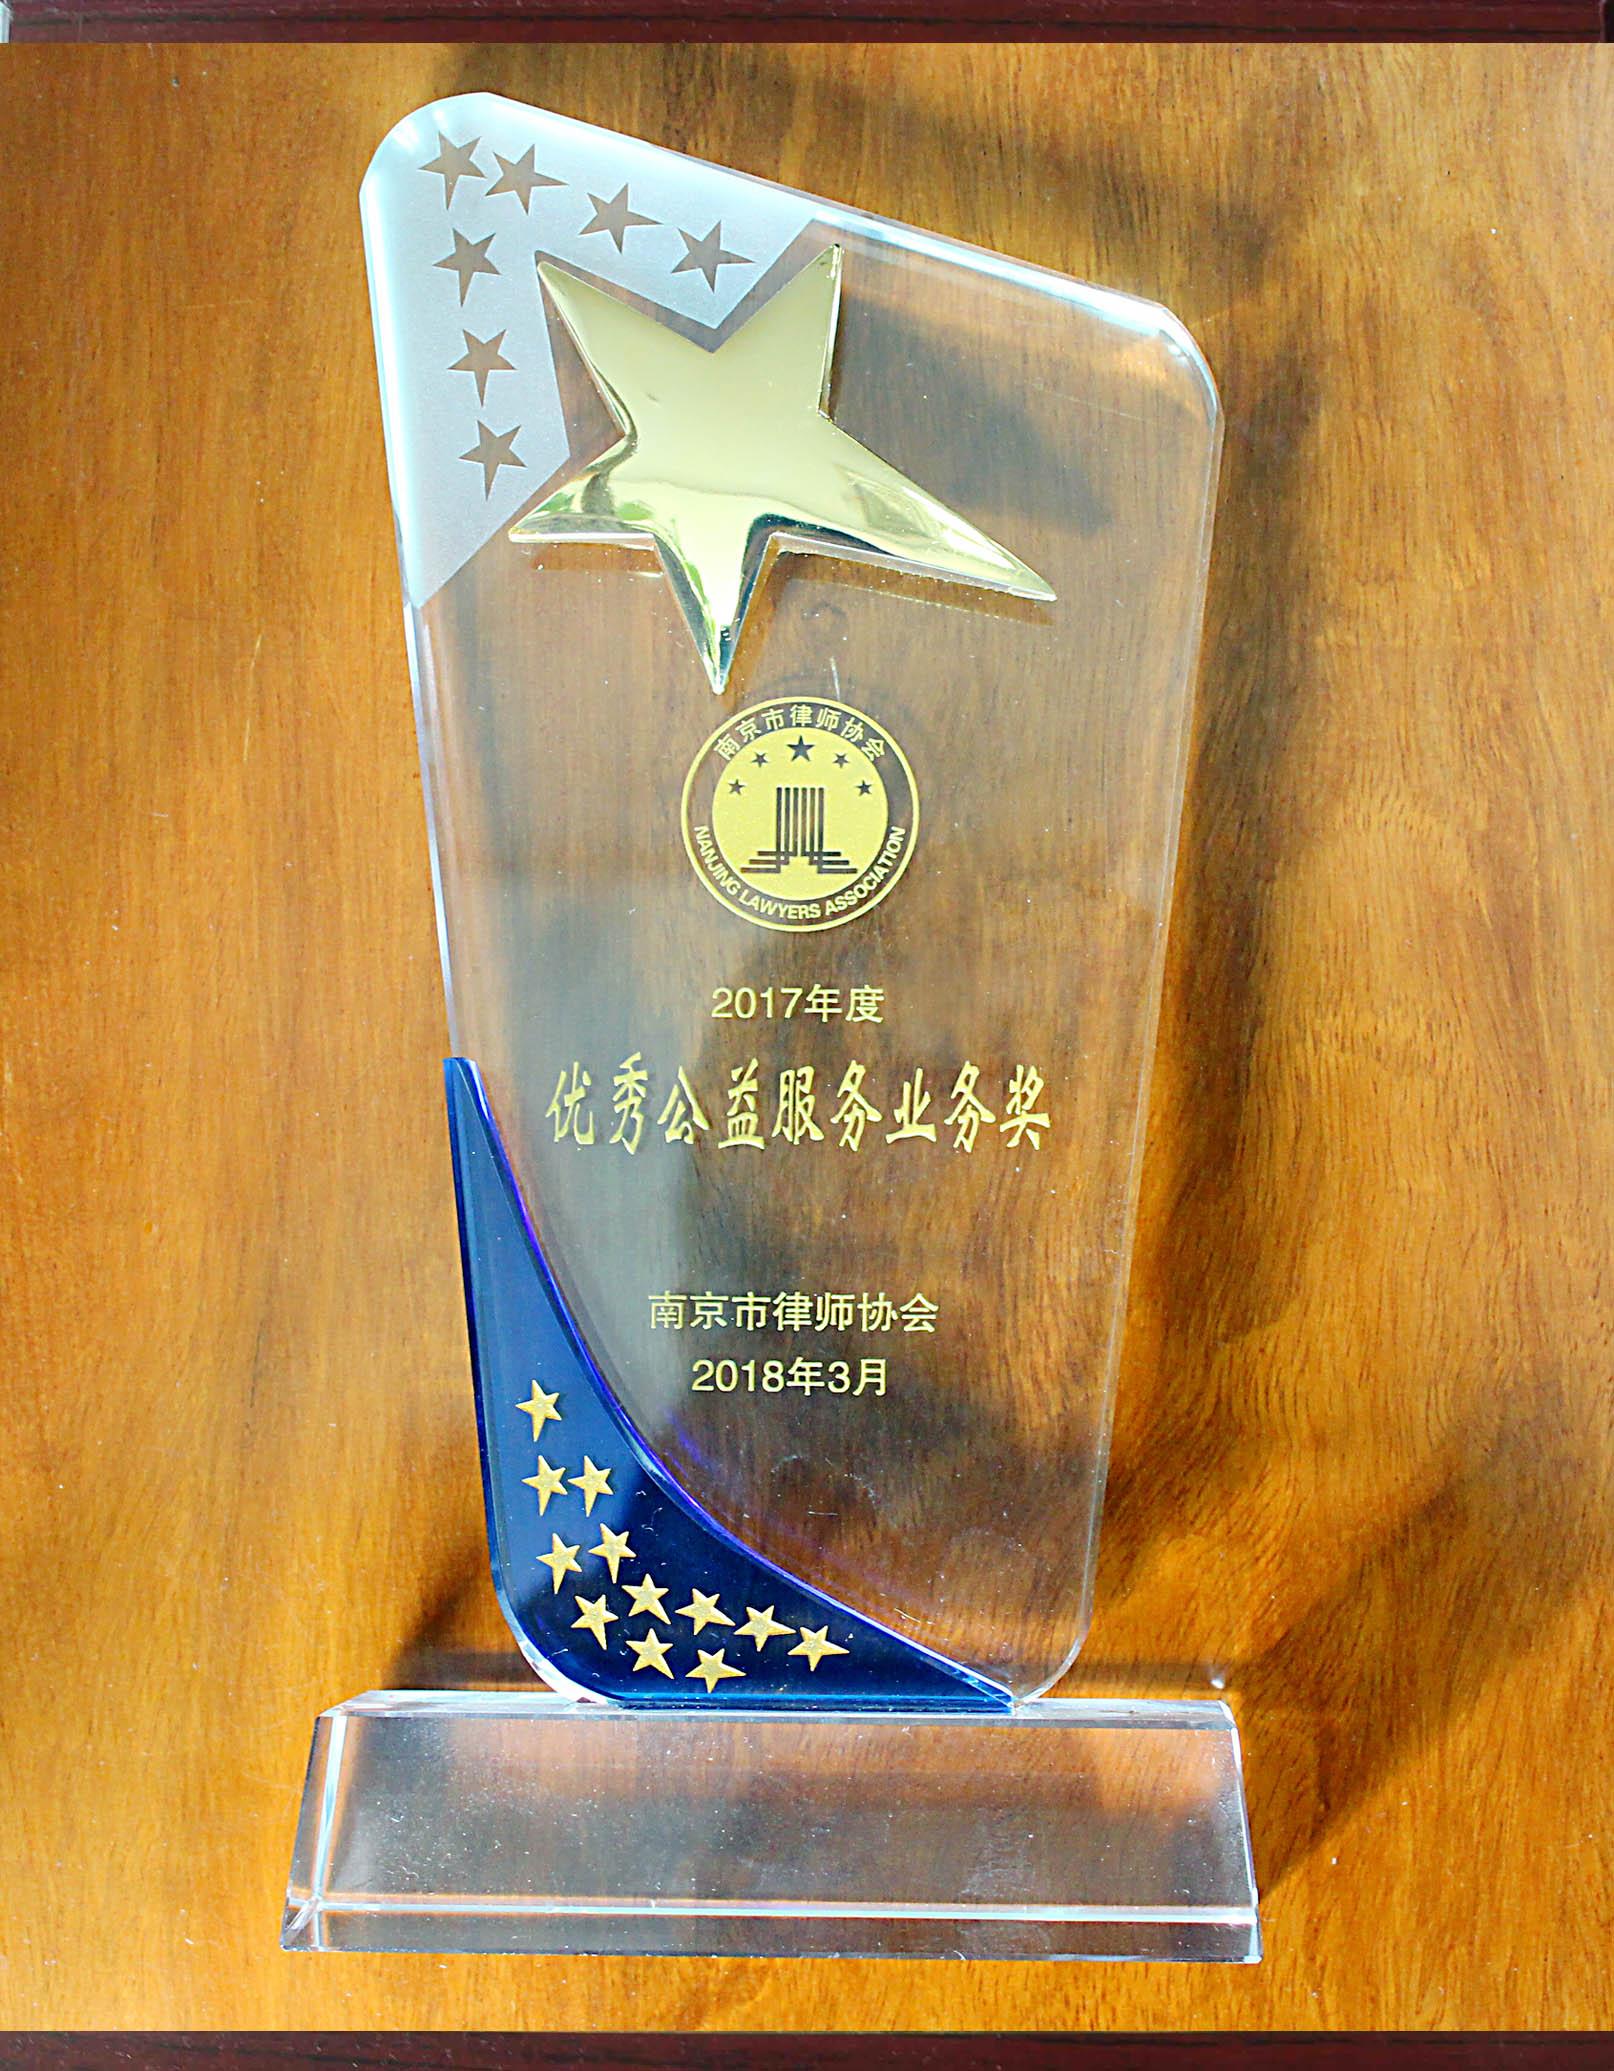 2017年度市律協優秀公益服務業務獎